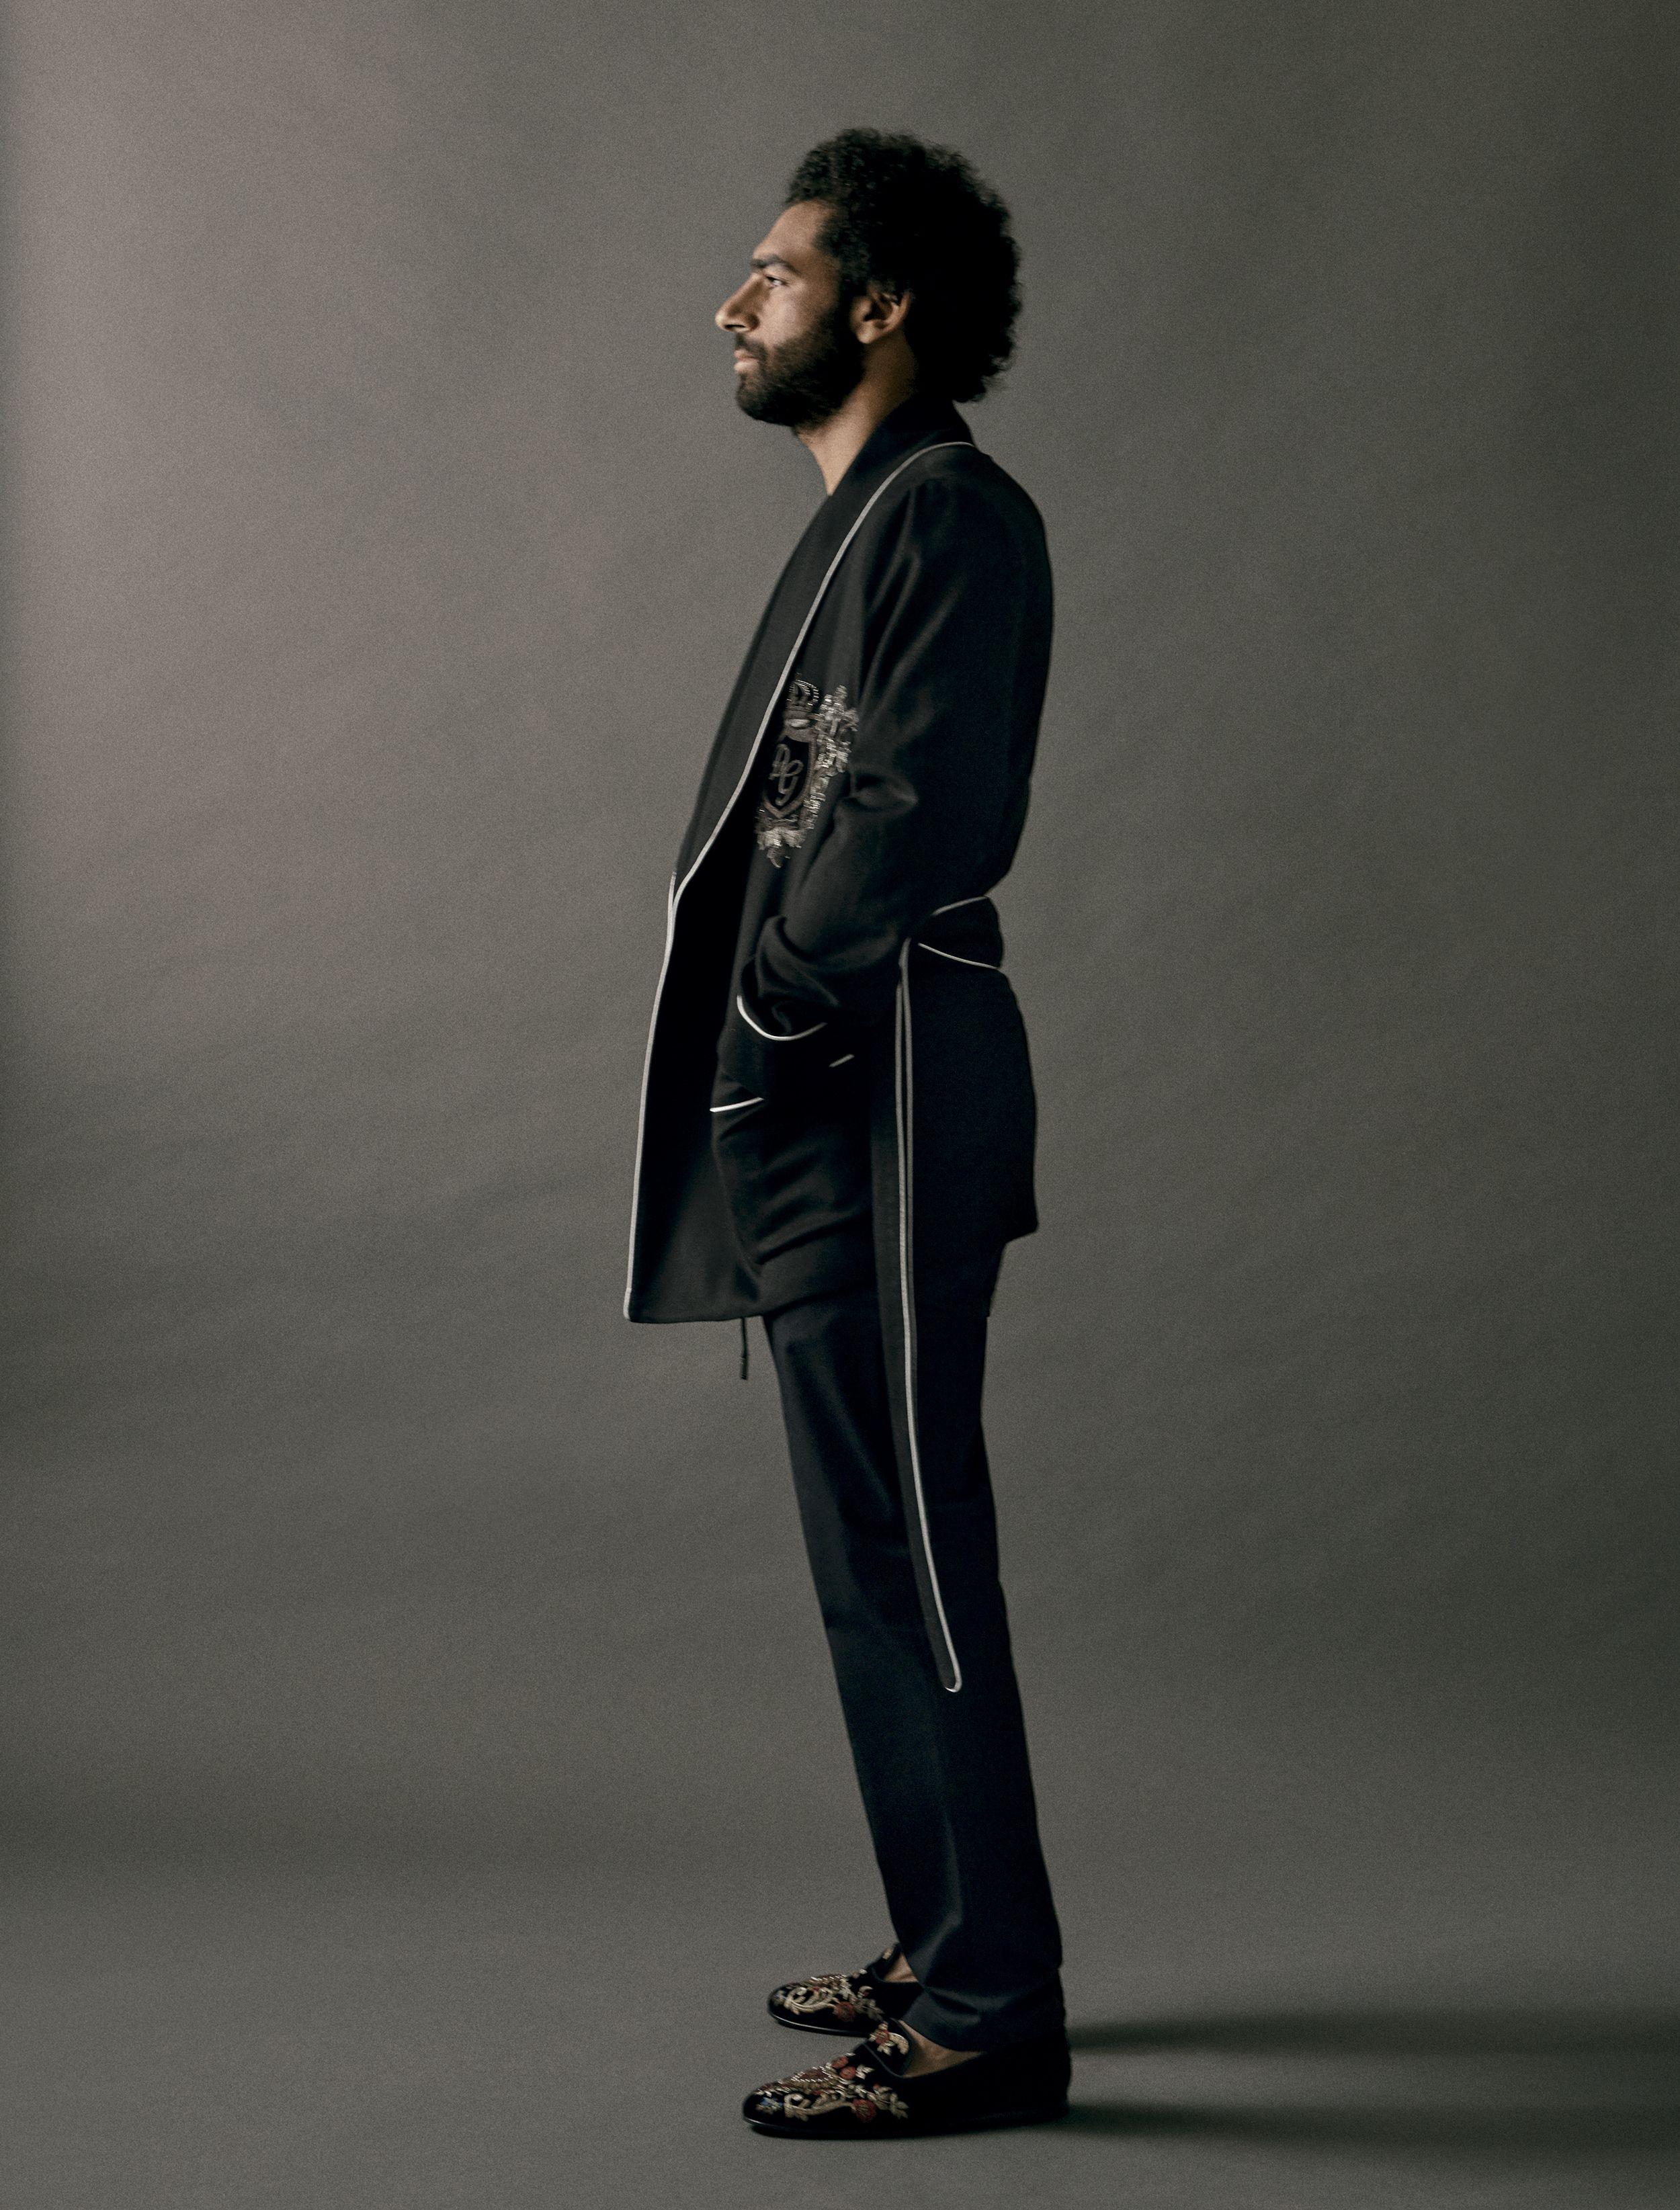 Mo Salah moda esquire